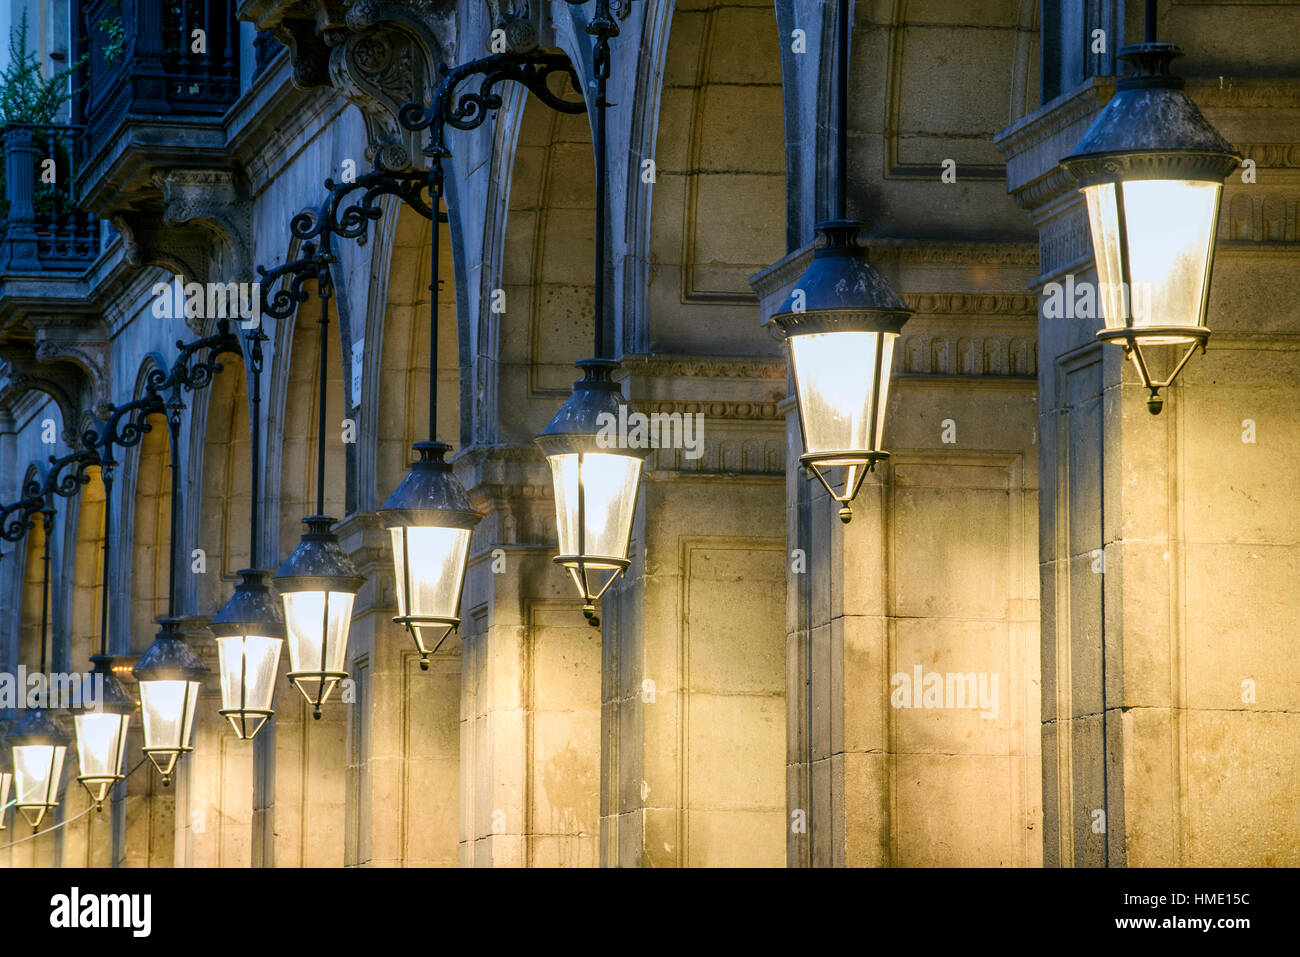 Plaza Real o Placa Reial di notte, Barcellona, in Catalogna, Spagna Immagini Stock